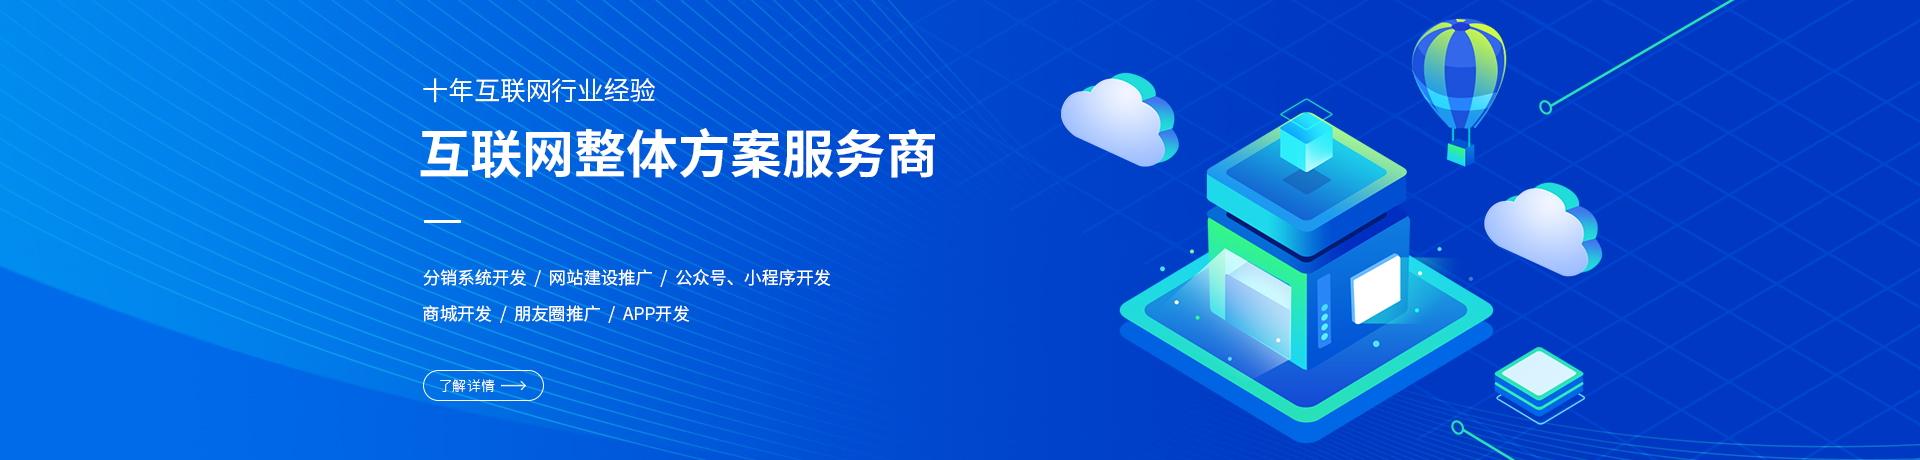 河南华企云航计算机科技有限公司